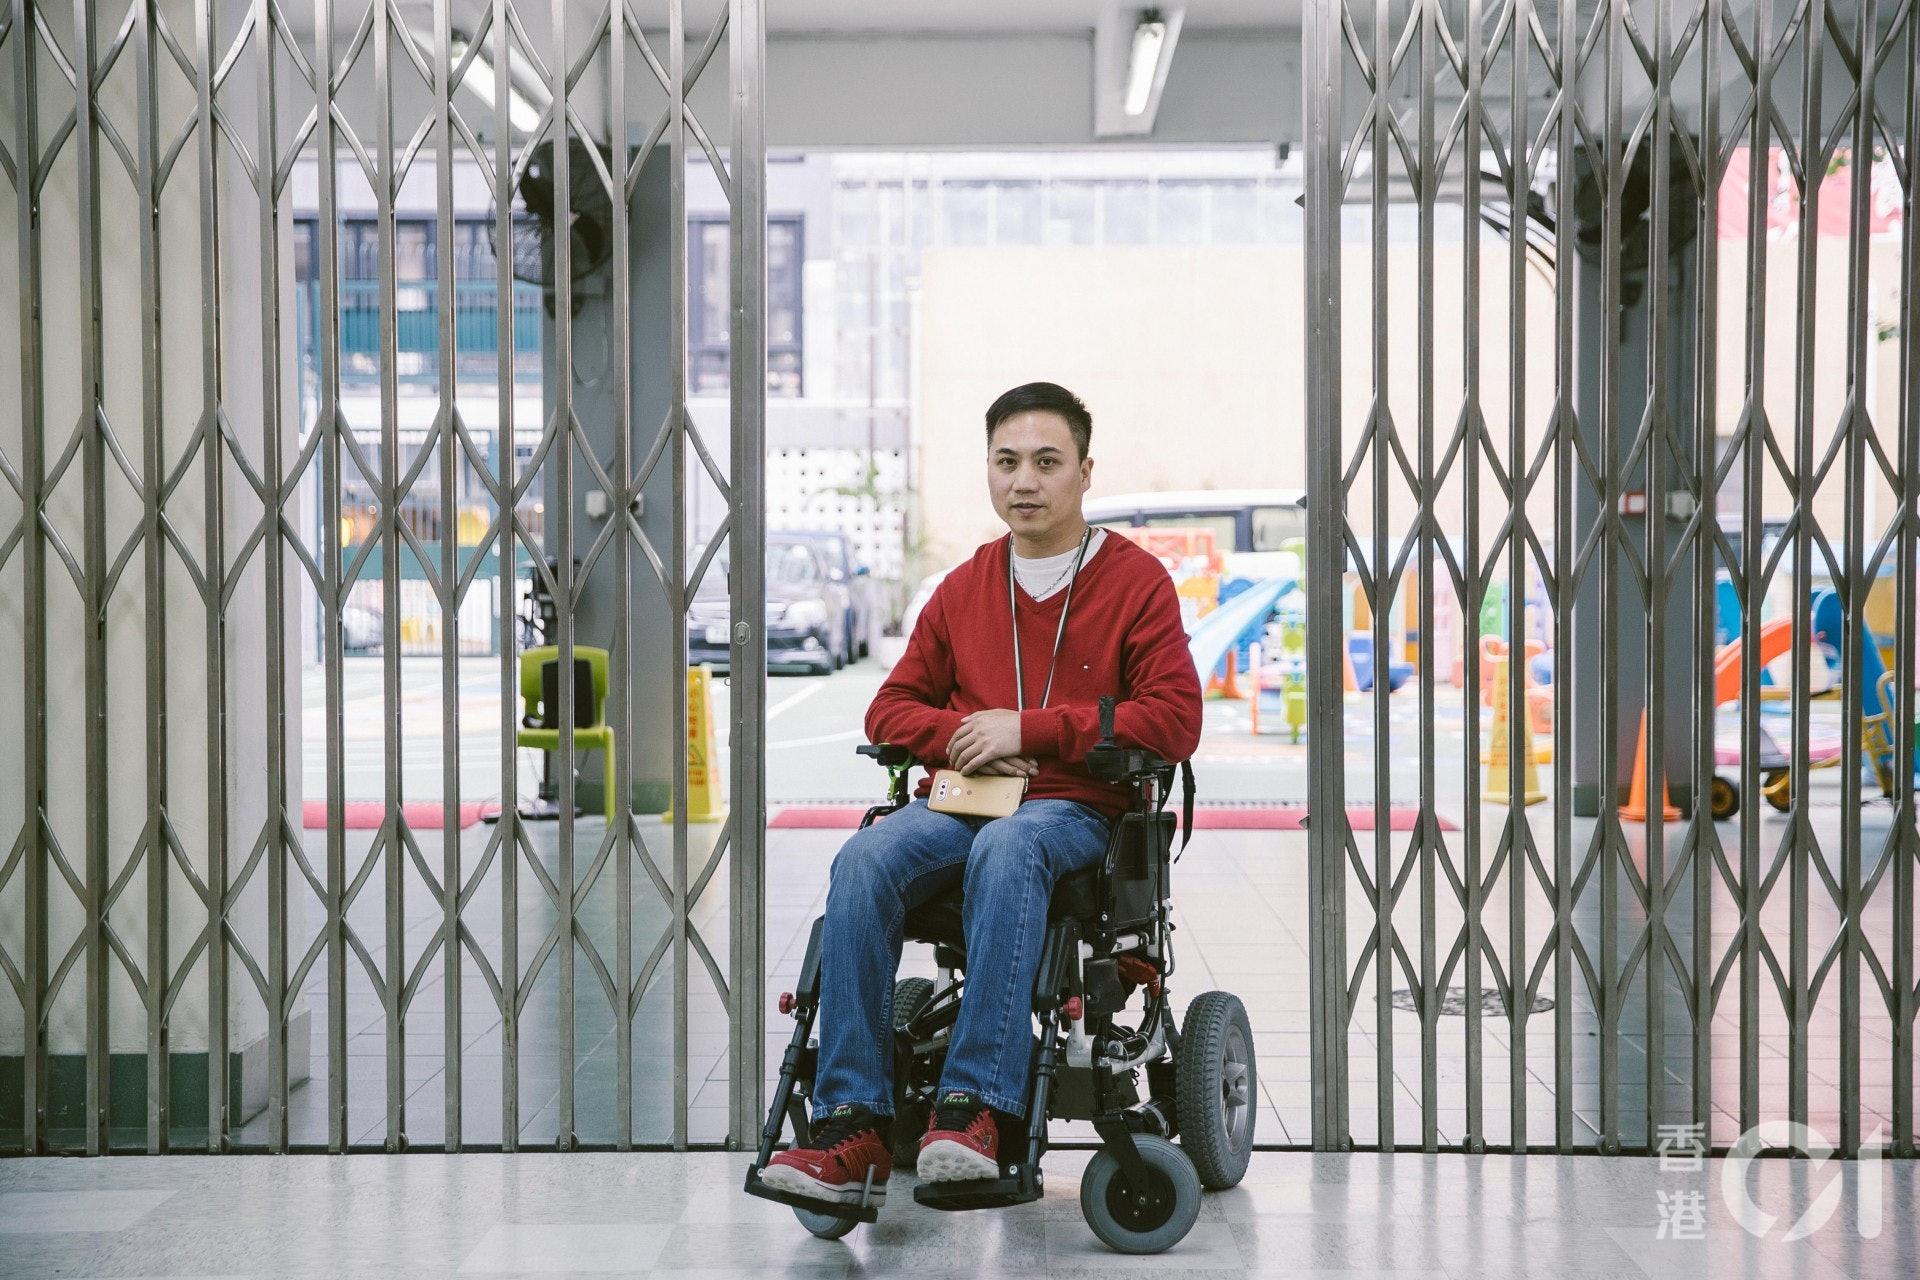 柳冕指,希望改變大眾認為輪椅一家是傷殘人士使用的想法。(鄭子峰攝)